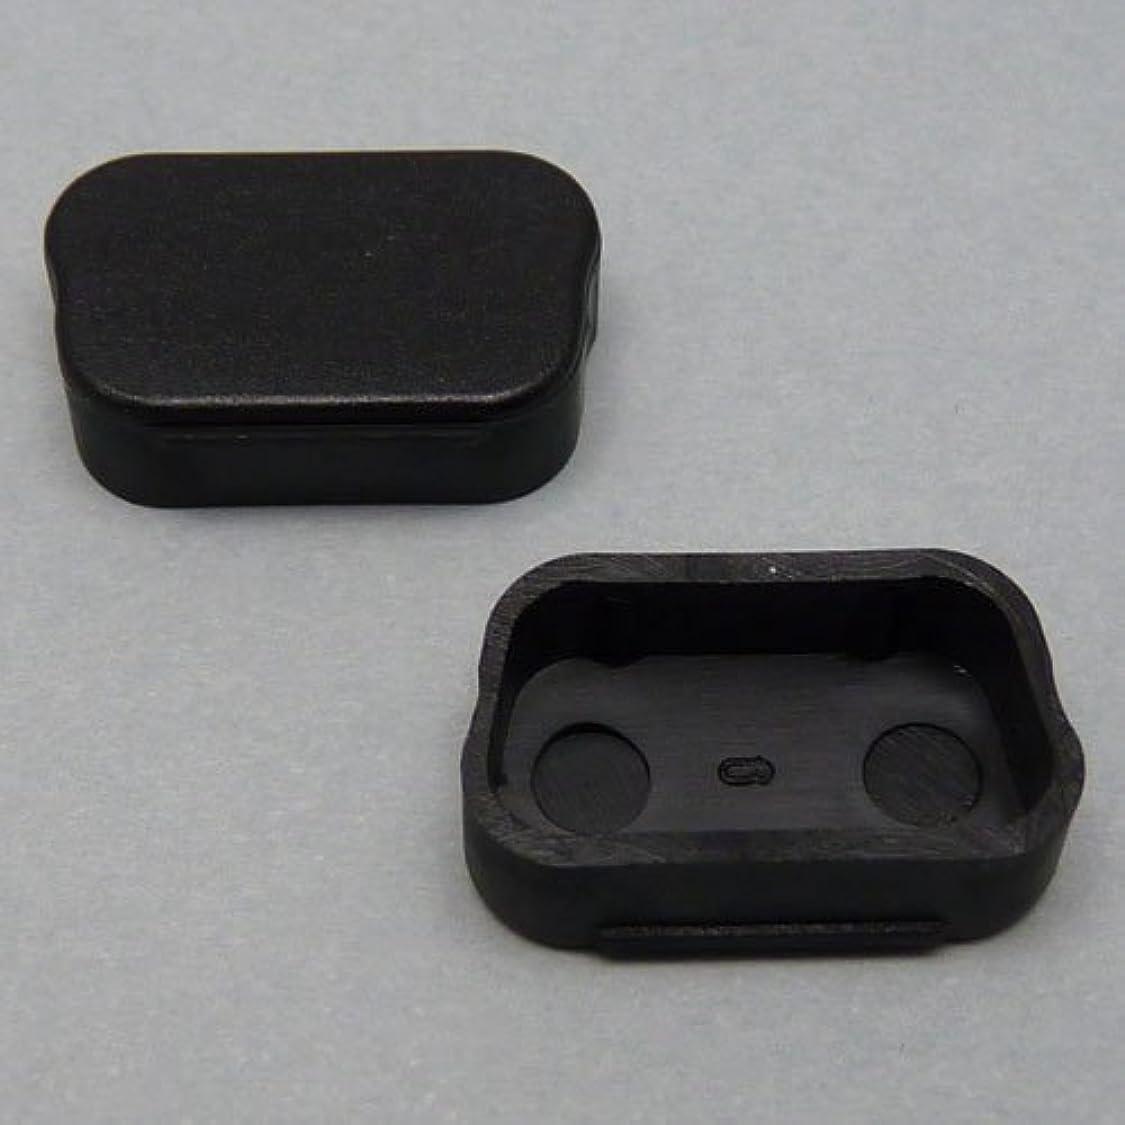 流用する縁石資源テクノベインズ D-Sub 9Pin/Mini 15Pin オス用キャップ(黒) 6個/パック D9MCAPK-B0-6